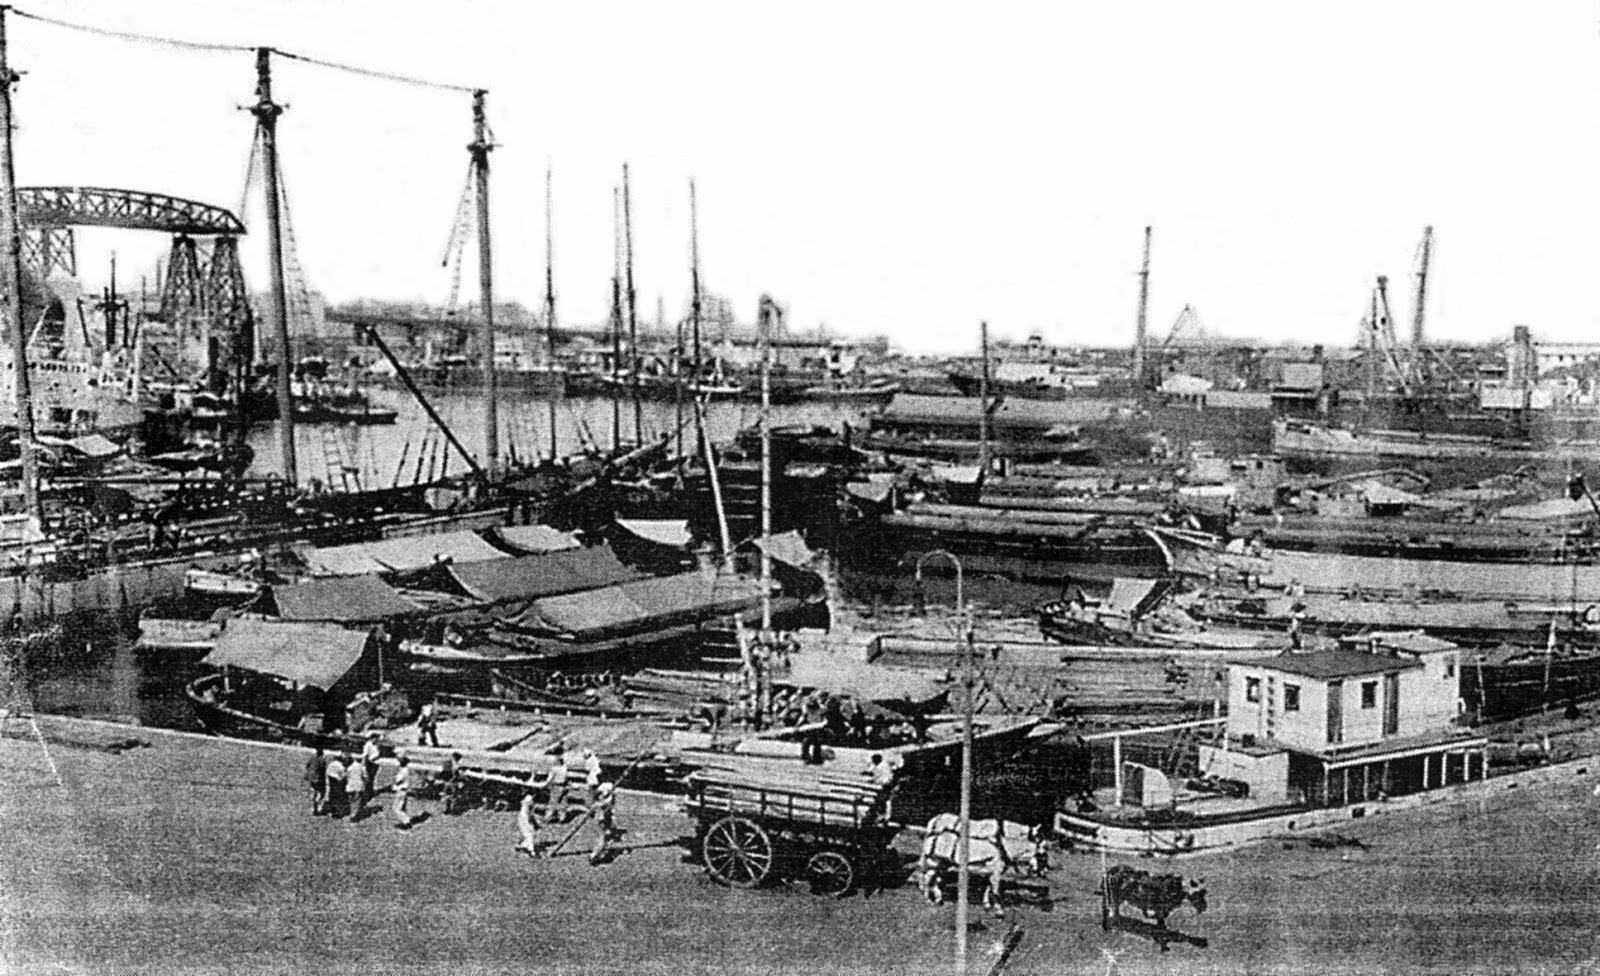 144u00b0 aniversario del barrio de La Boca. - u00bfAcaso La Boca empezu00f3 ...